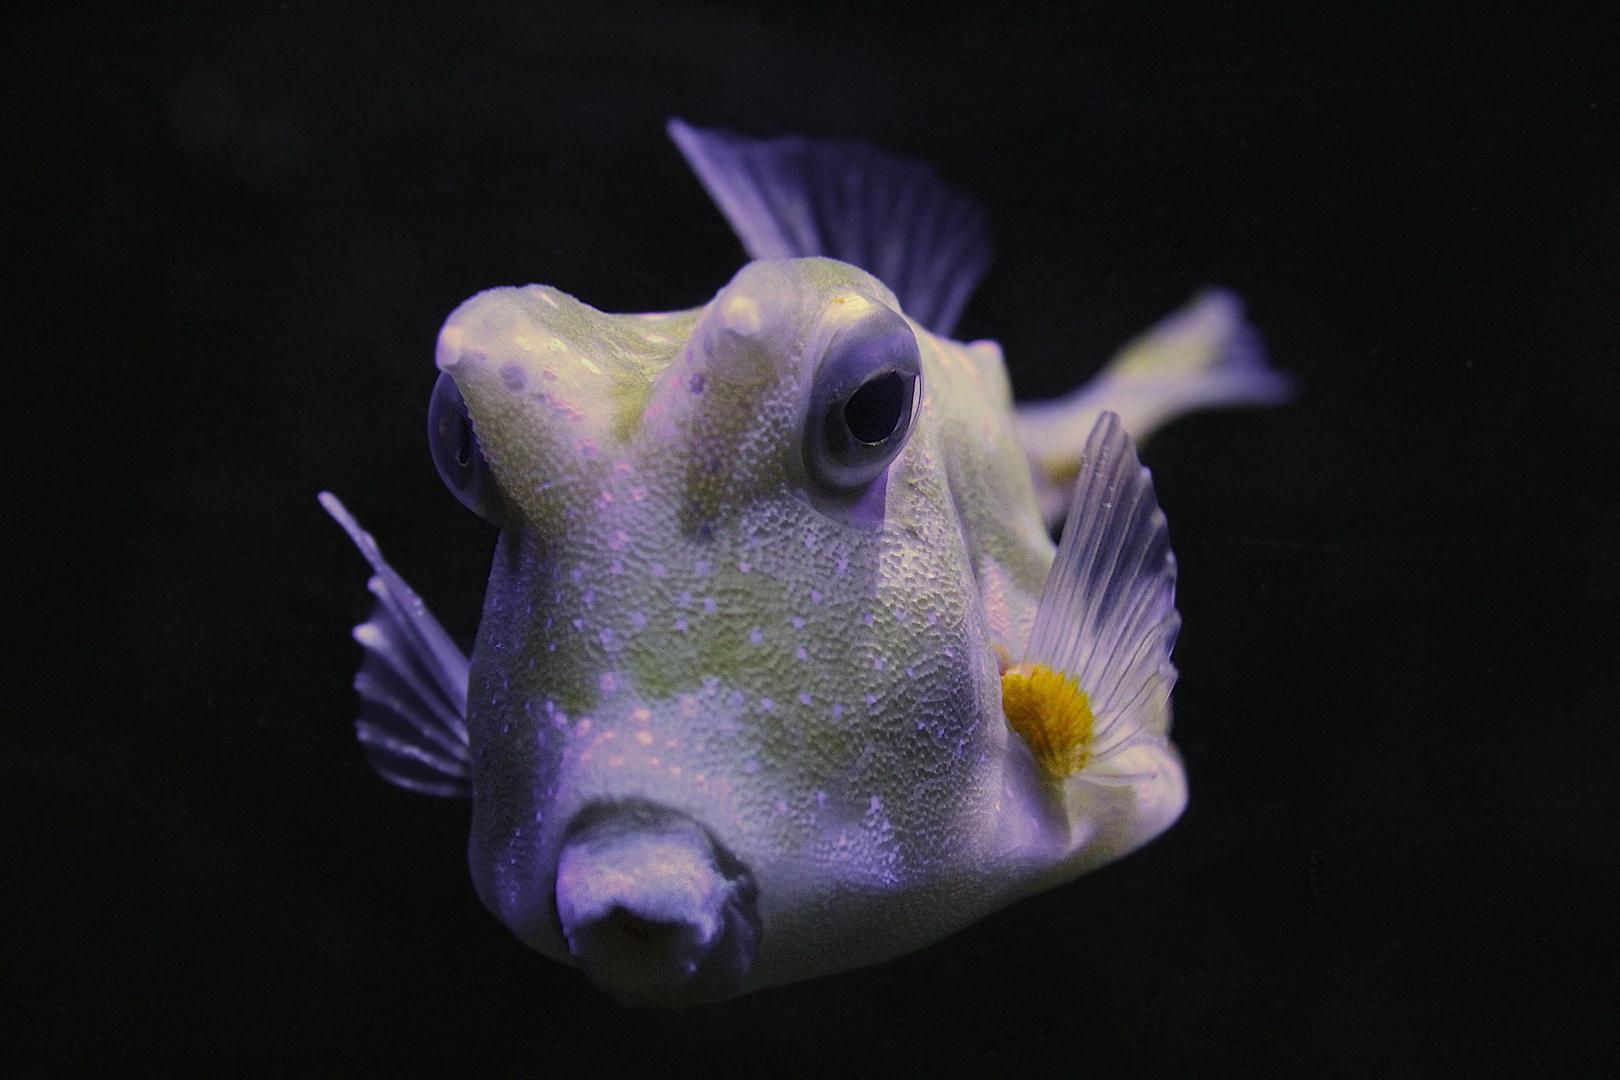 Pfeifender Fisch